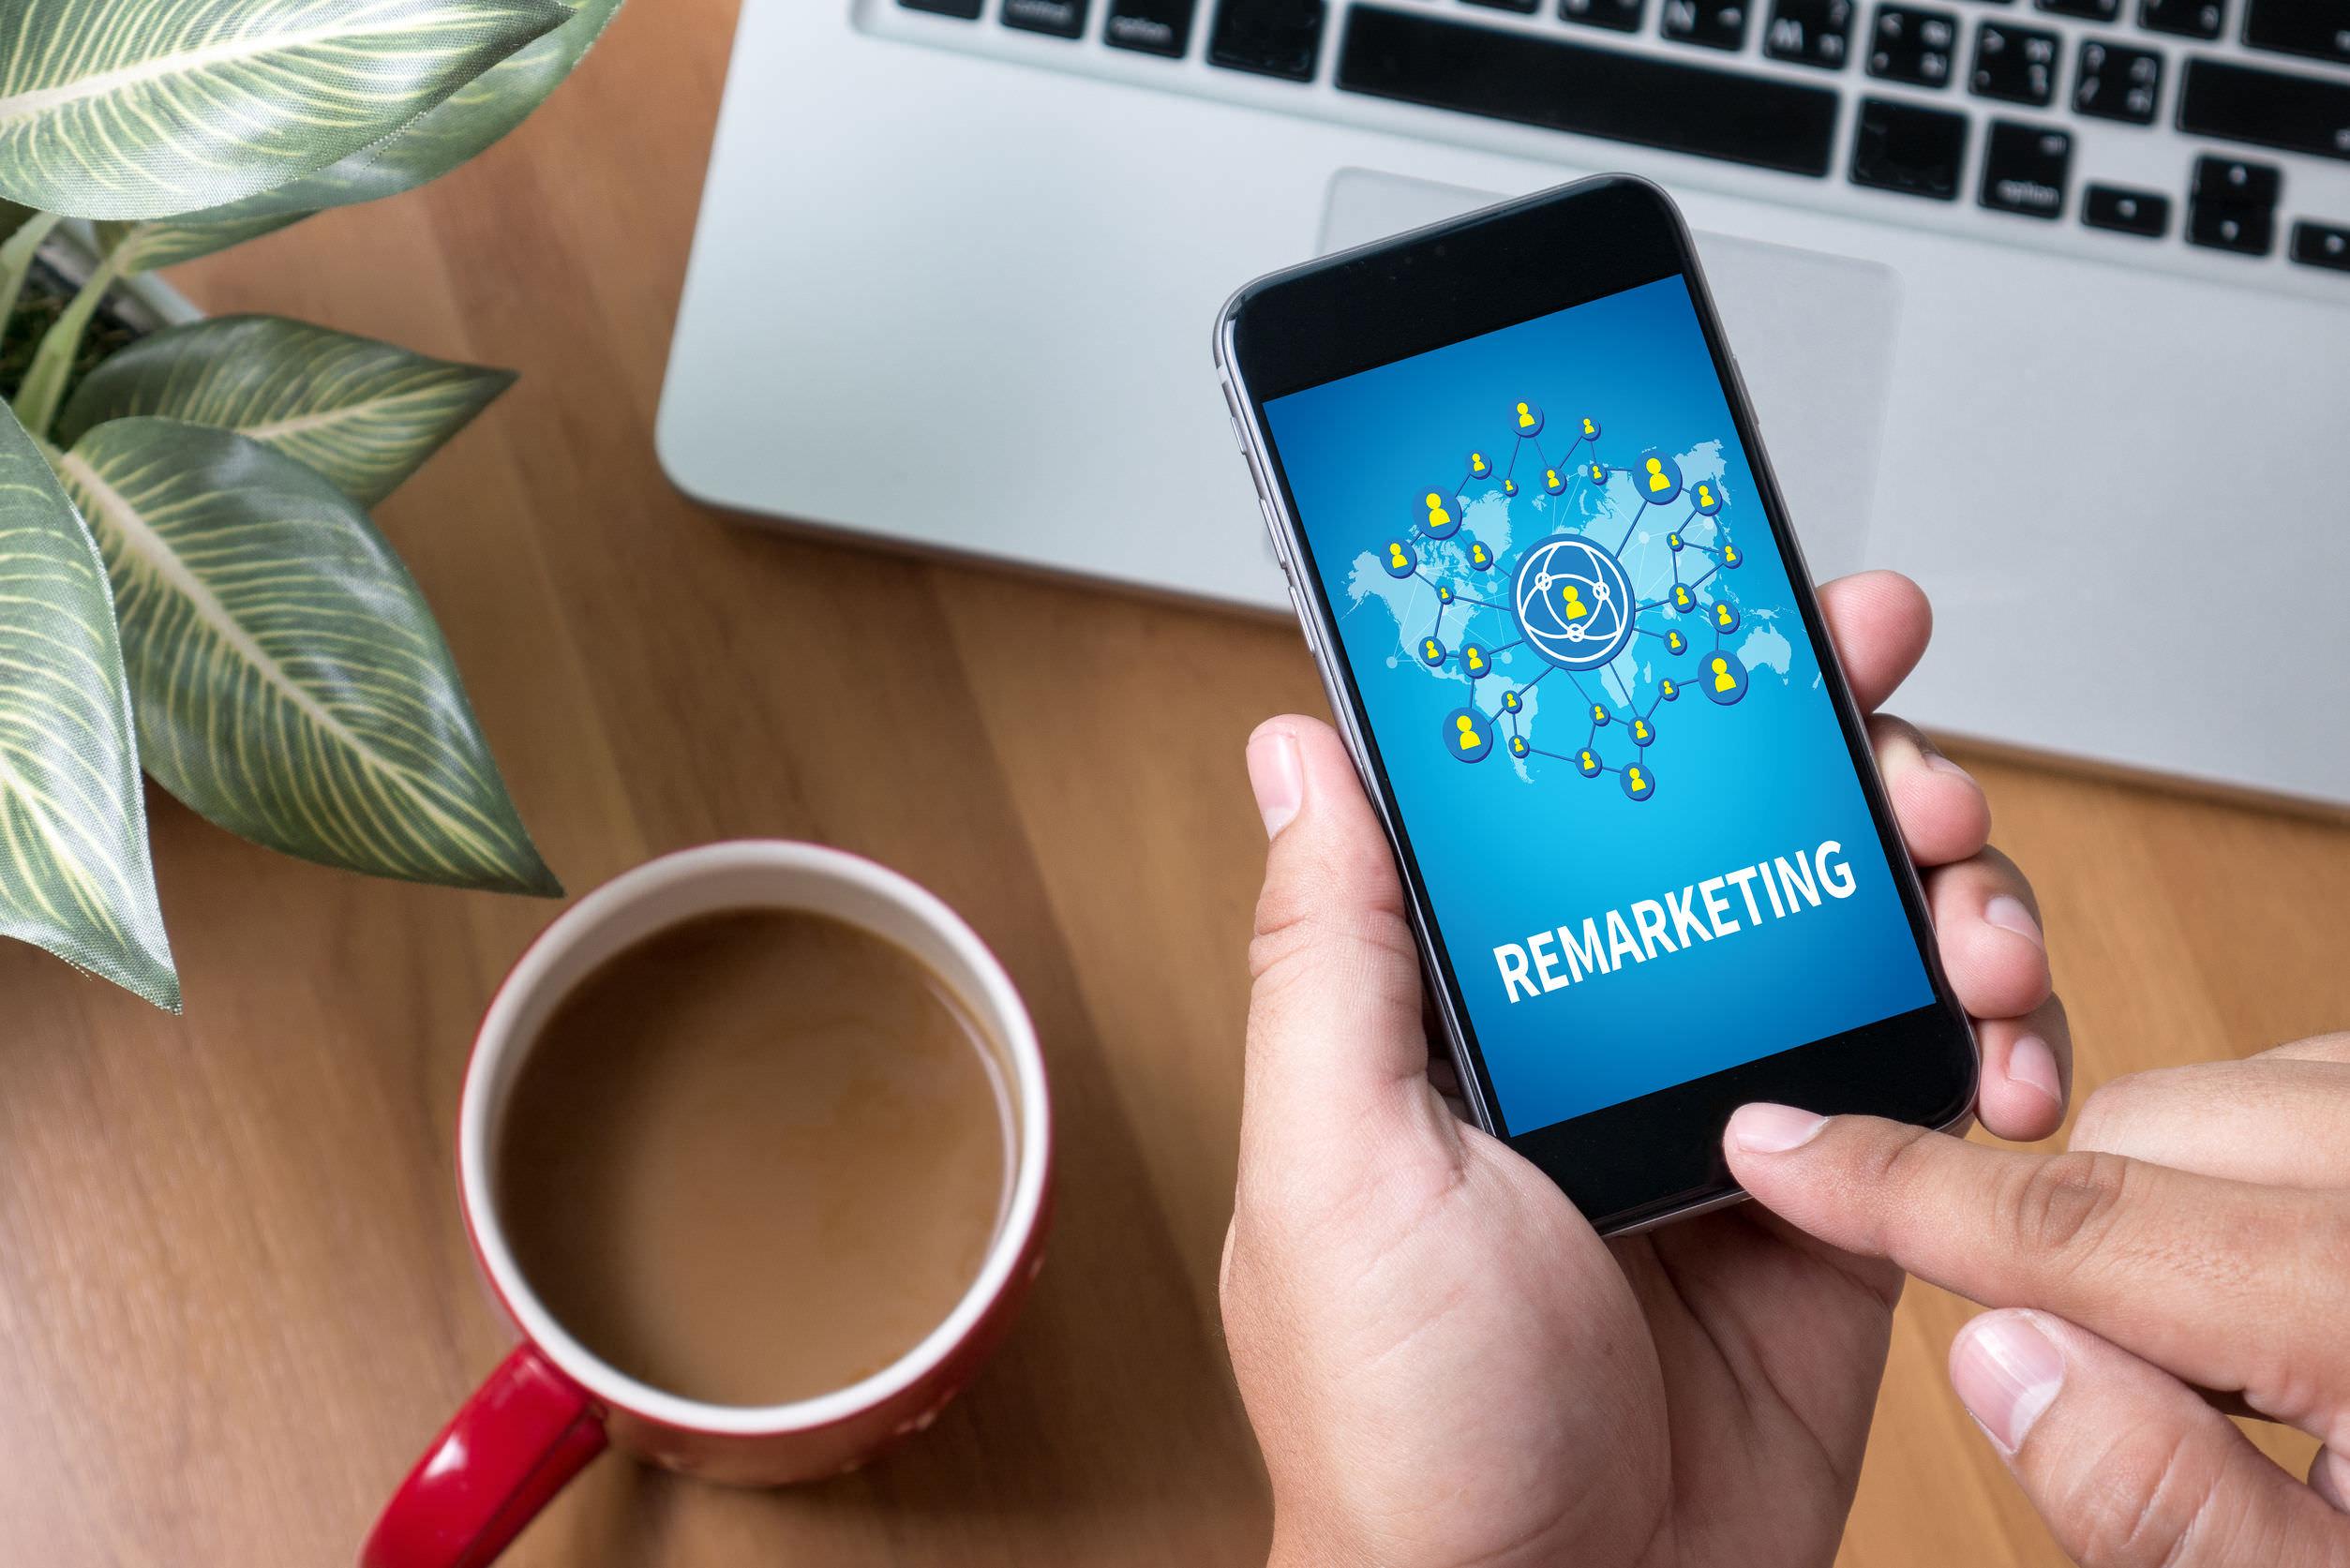 Cómo hacer Remarketing en LinkedIn